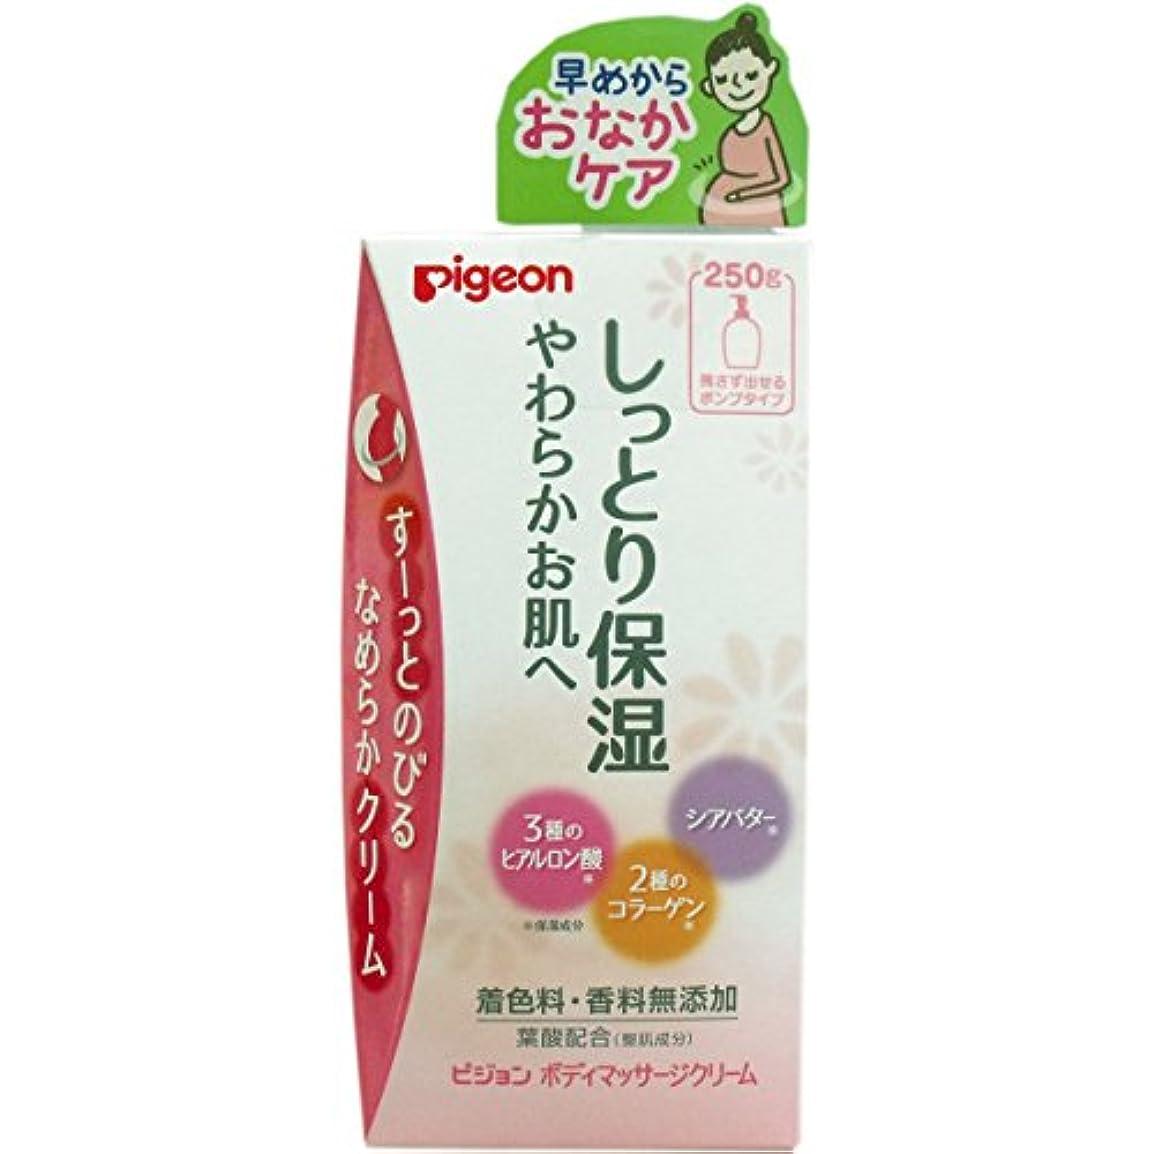 雑草怠階段ピジョン ボディマッサージクリーム 250g【2個セット】